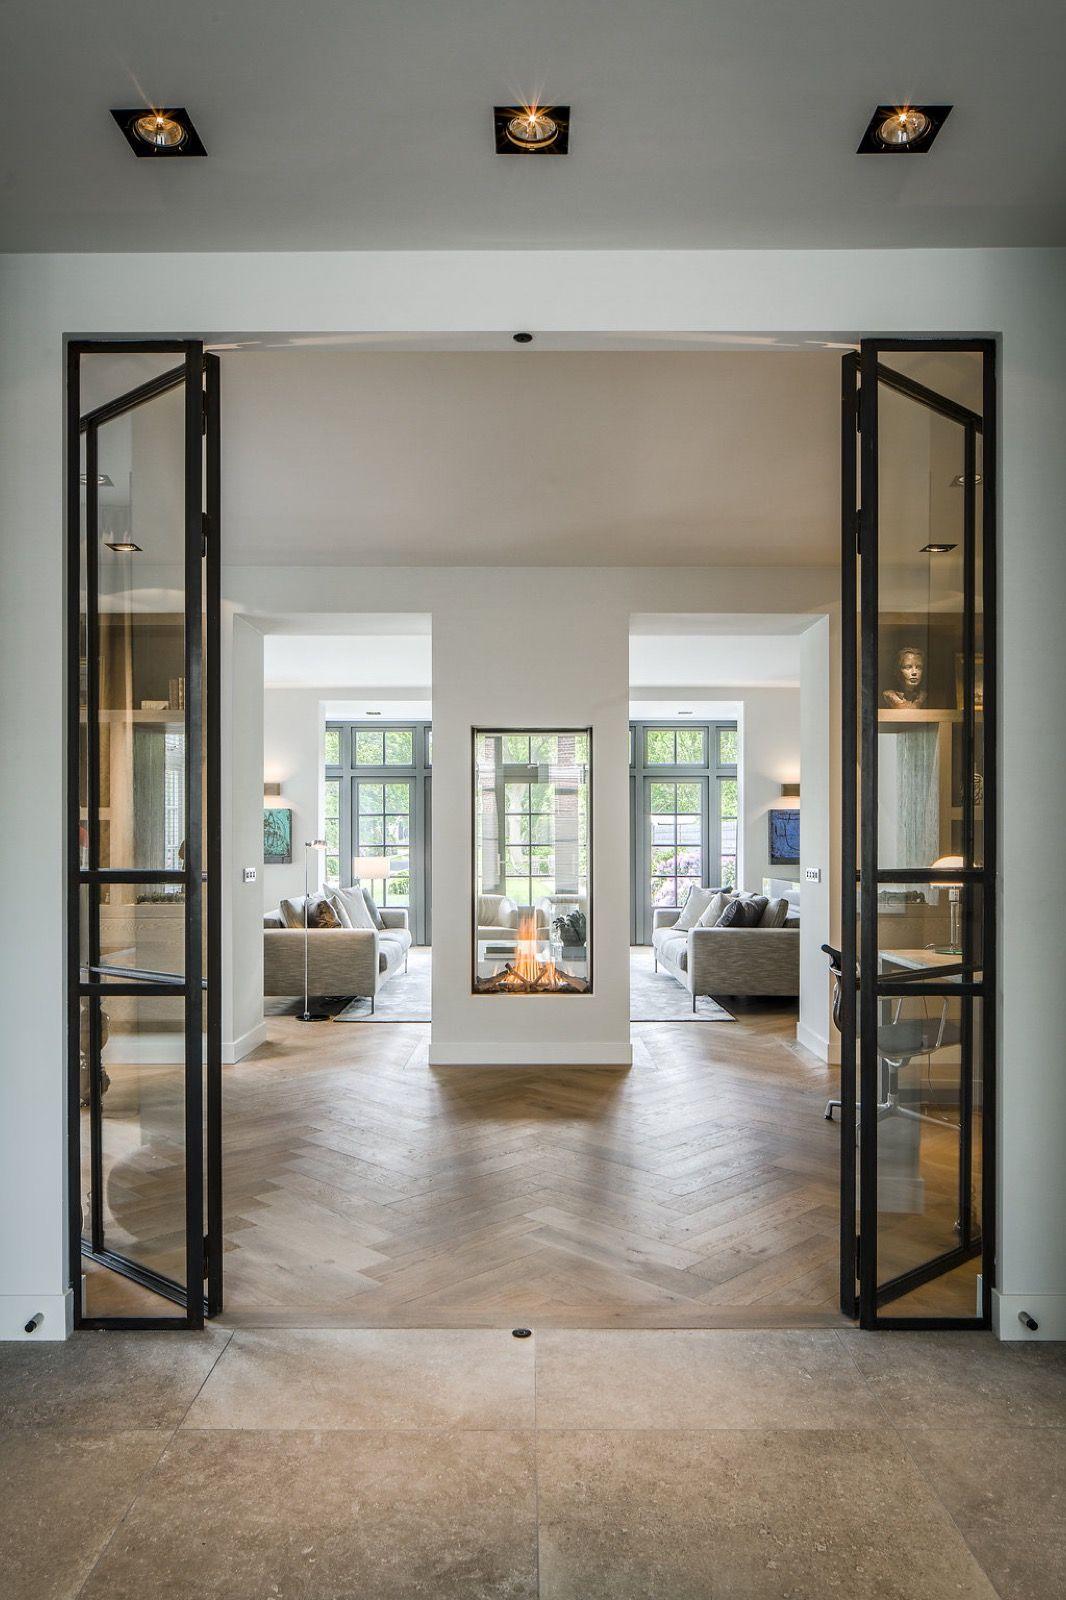 like der kamin als raumteiler und von beiden seiten zu. Black Bedroom Furniture Sets. Home Design Ideas